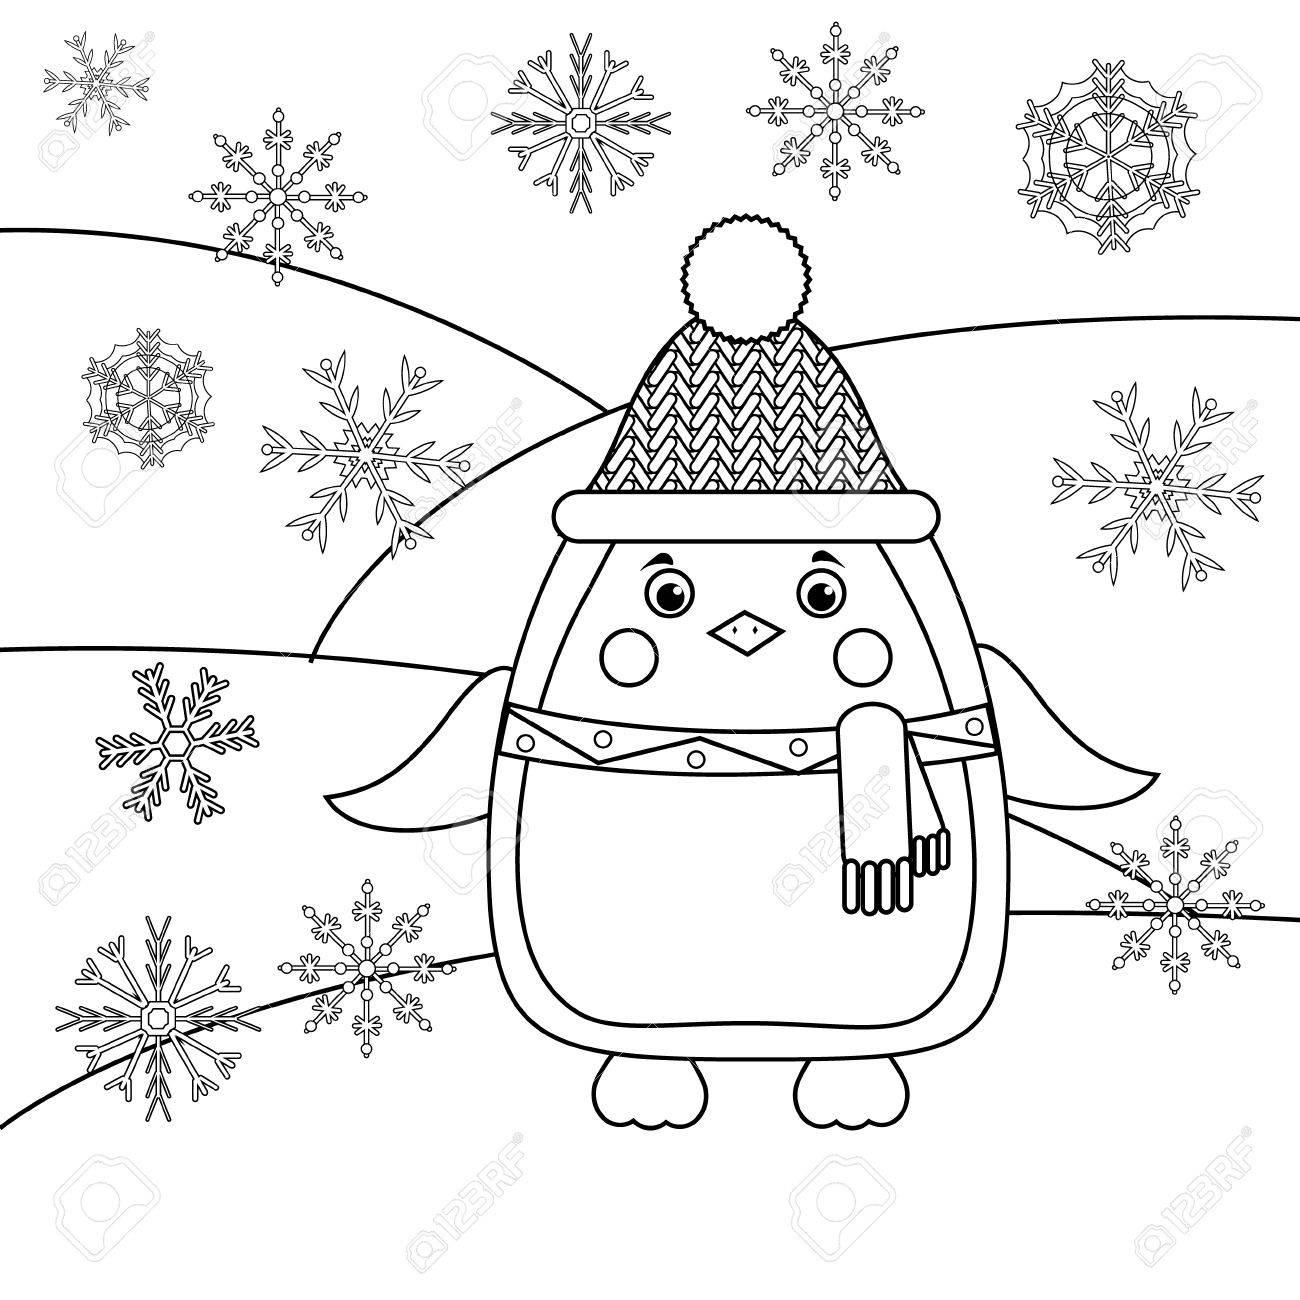 Kleurplaten Thema Dieren.Kleurplaat Met Pinguin In Hoed En Sjaal En Sneeuwvlokken Educatief